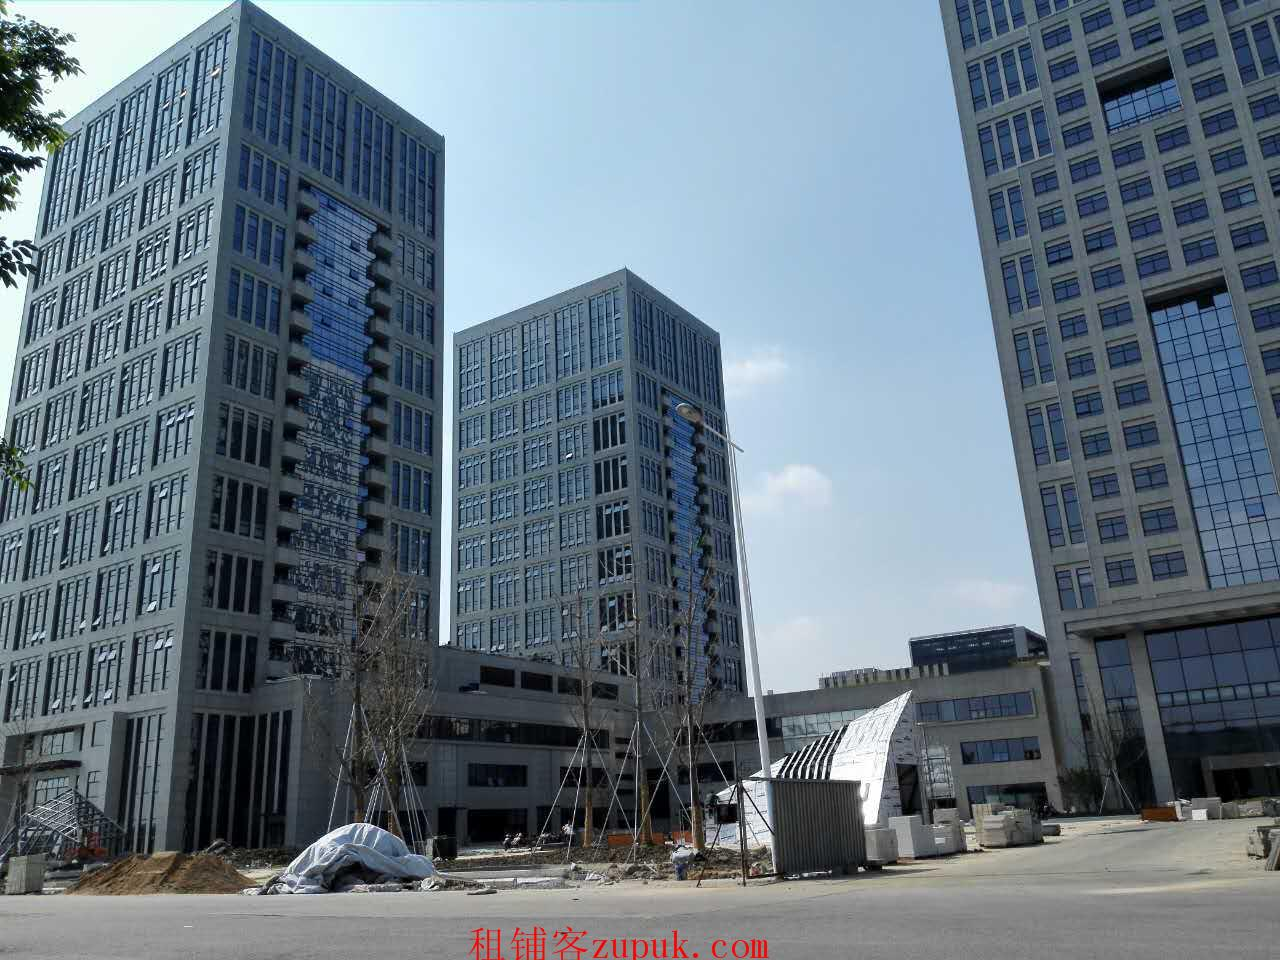 昆山汇金财富广场针对知名品牌商家另有优先及优惠招商条件.